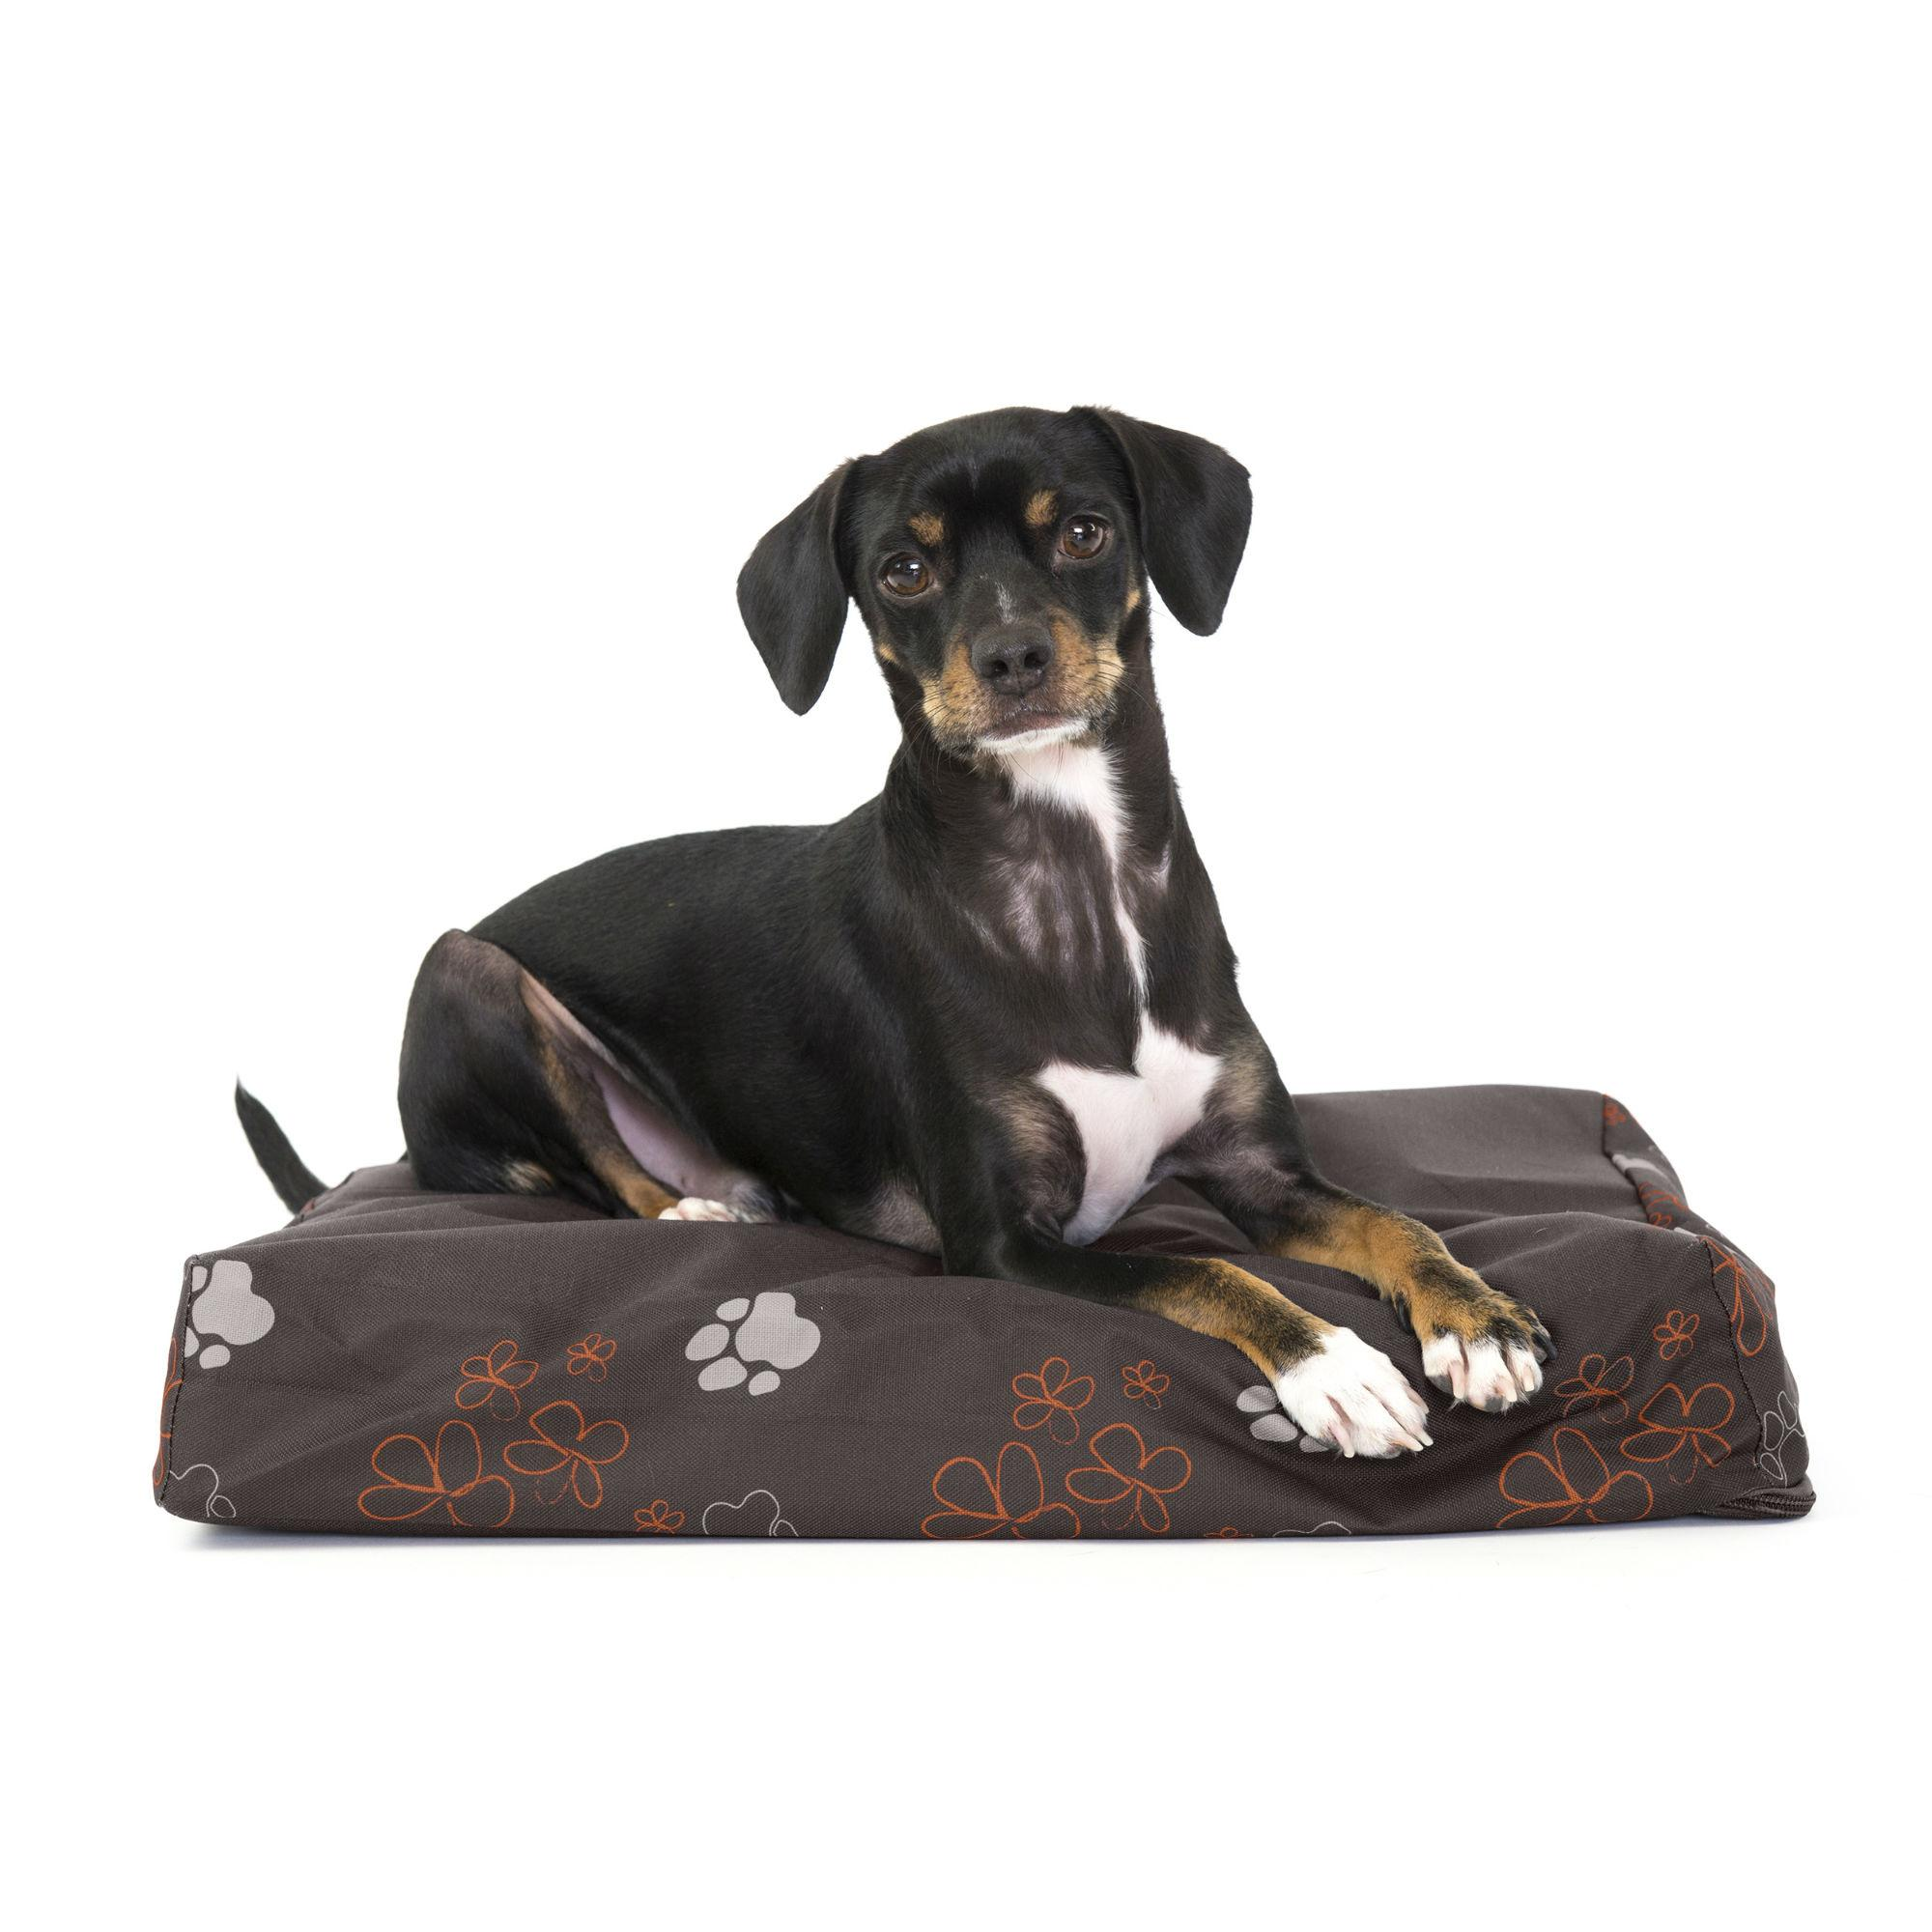 FurHaven Deluxe Indoor/Outdoor Garden Orthopedic Pet Bed - Bark Brown